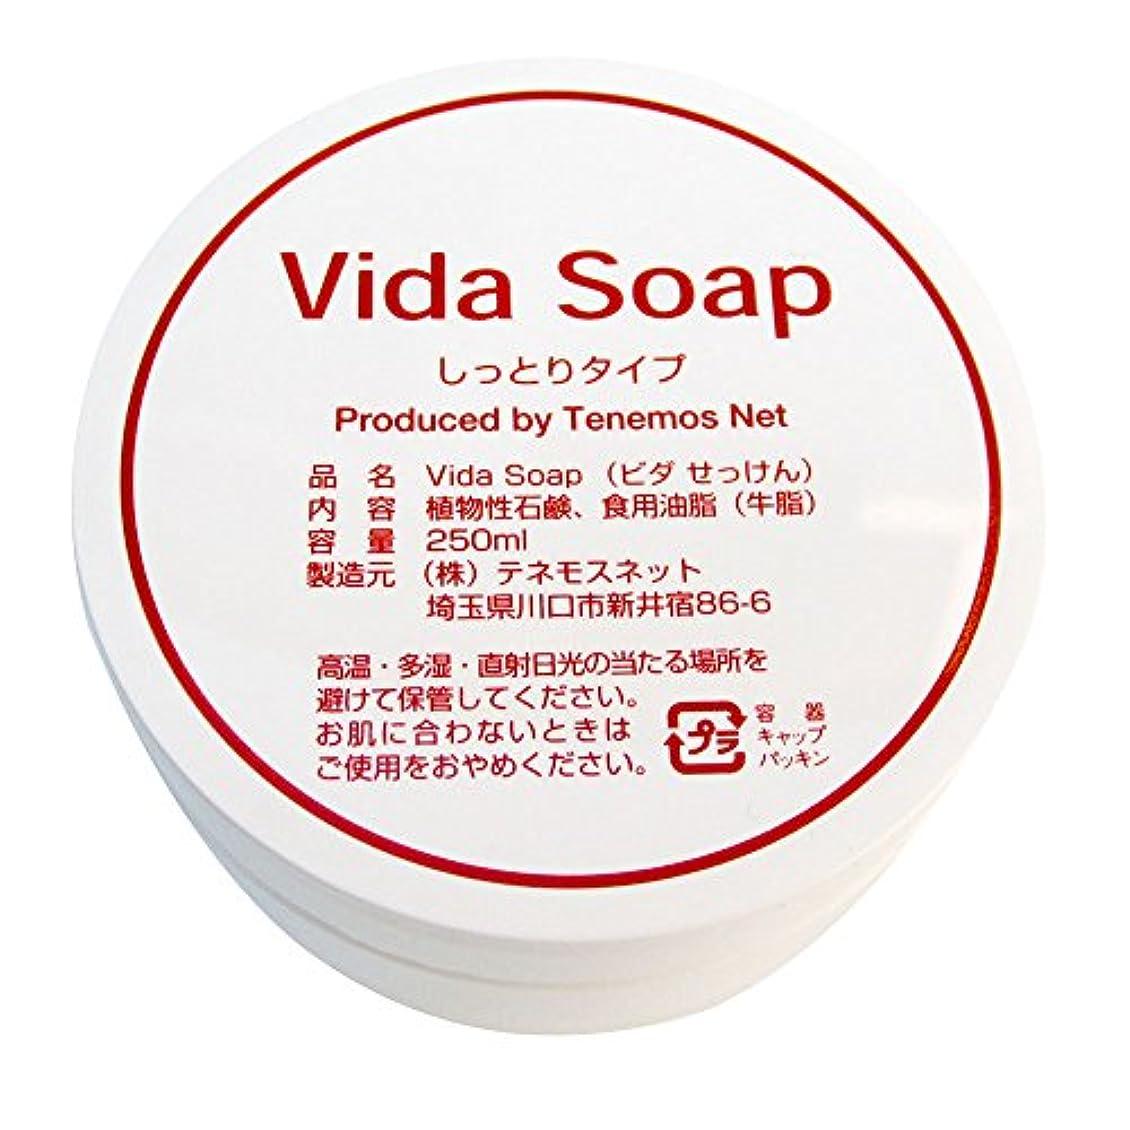 エクスタシードールパステルテネモス ビダせっけん Vida Soap しっとりノーマル 動物性 250ml